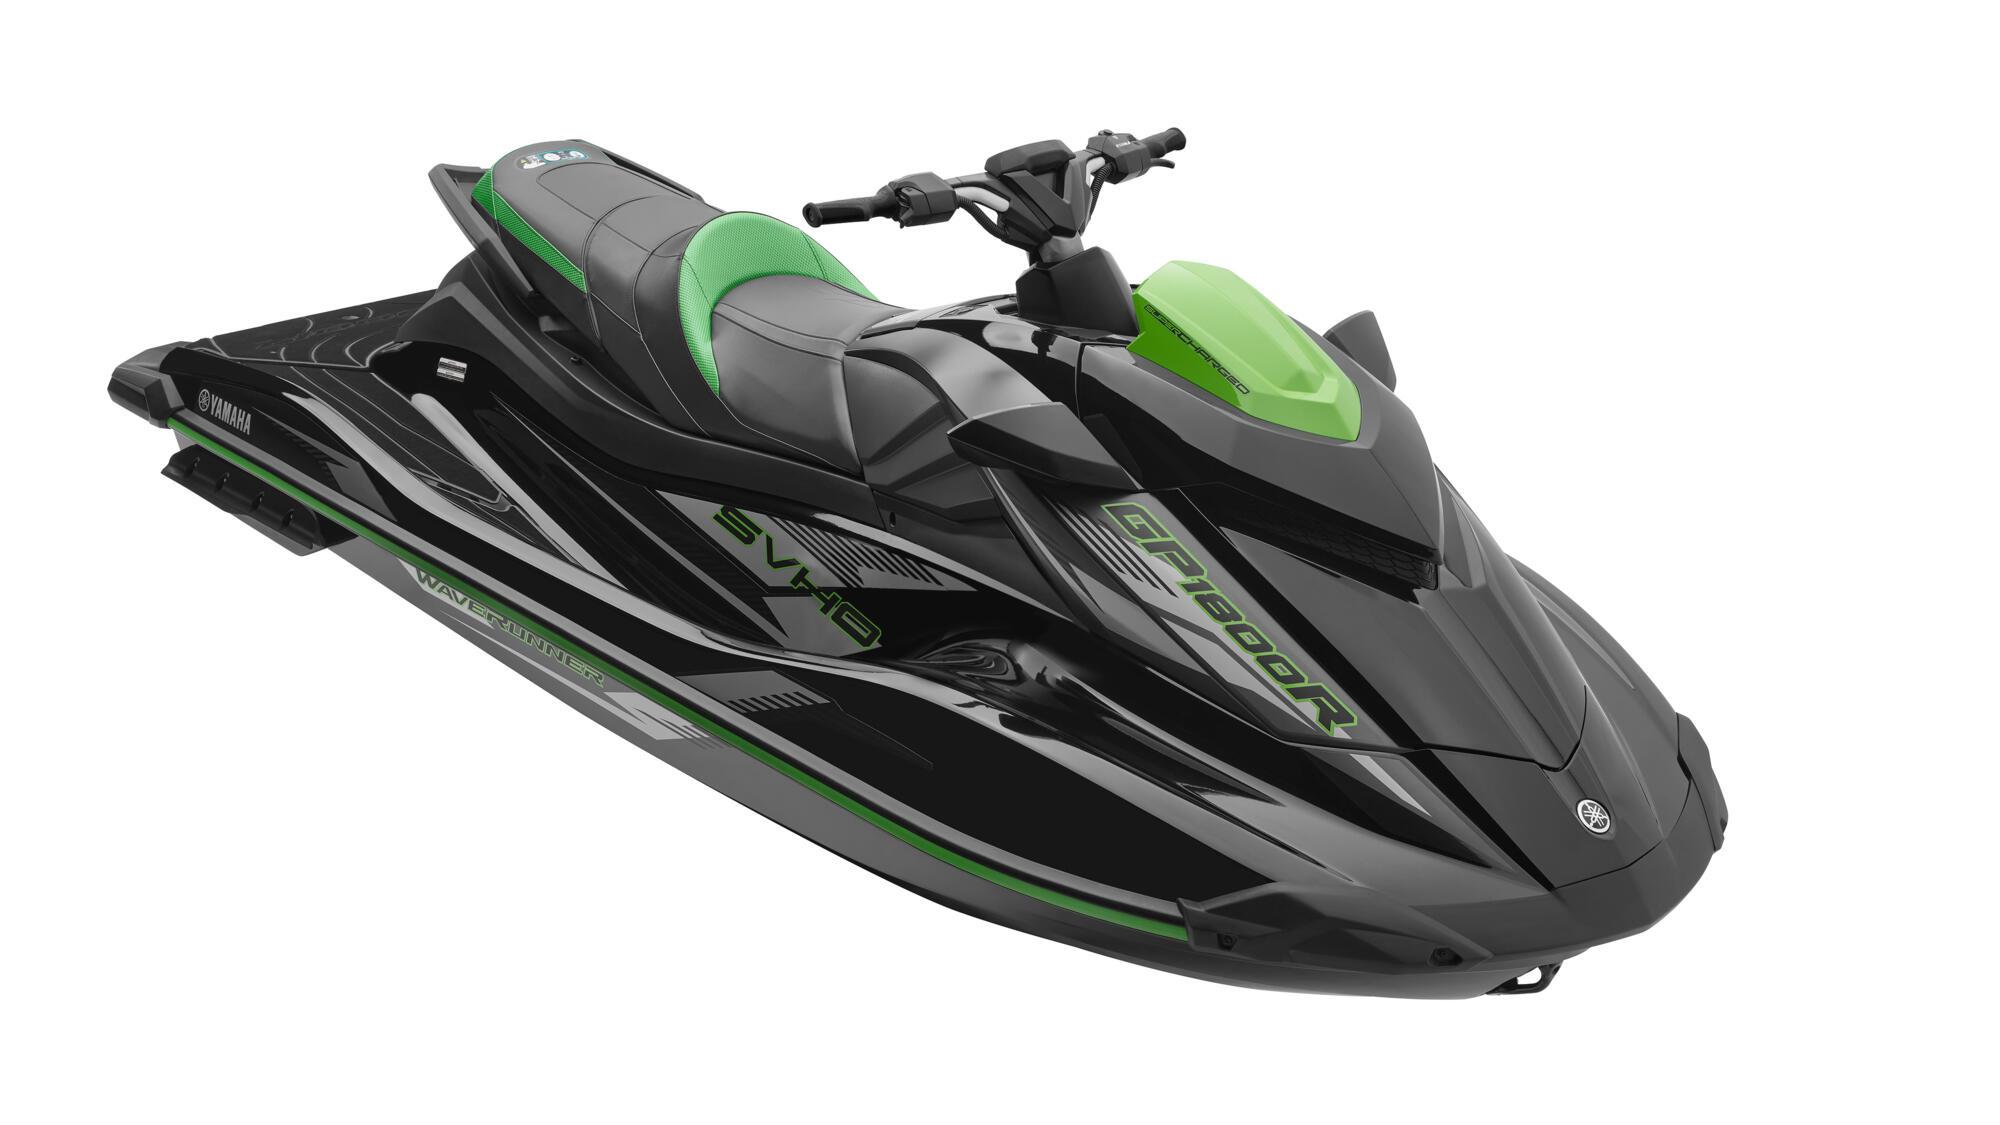 2021 GP1800R SVHO